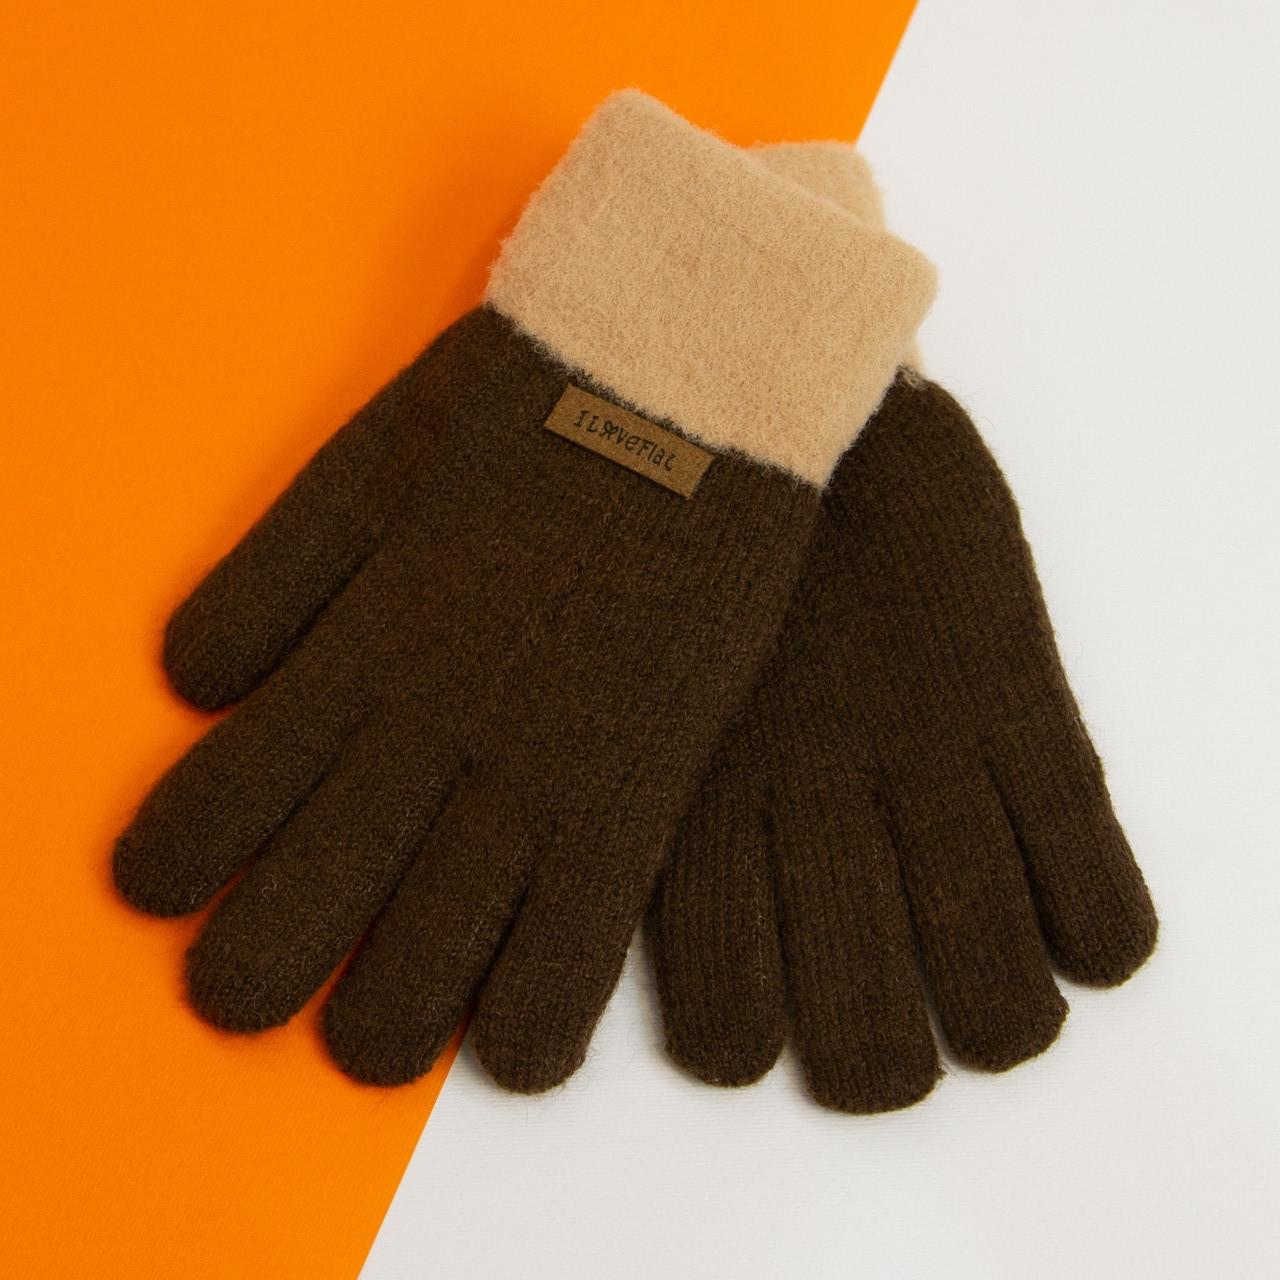 Зимние подростковые перчатки на 6 - 7 - 8 - 9 - 10 лет для девочек (арт. 20-7-94)